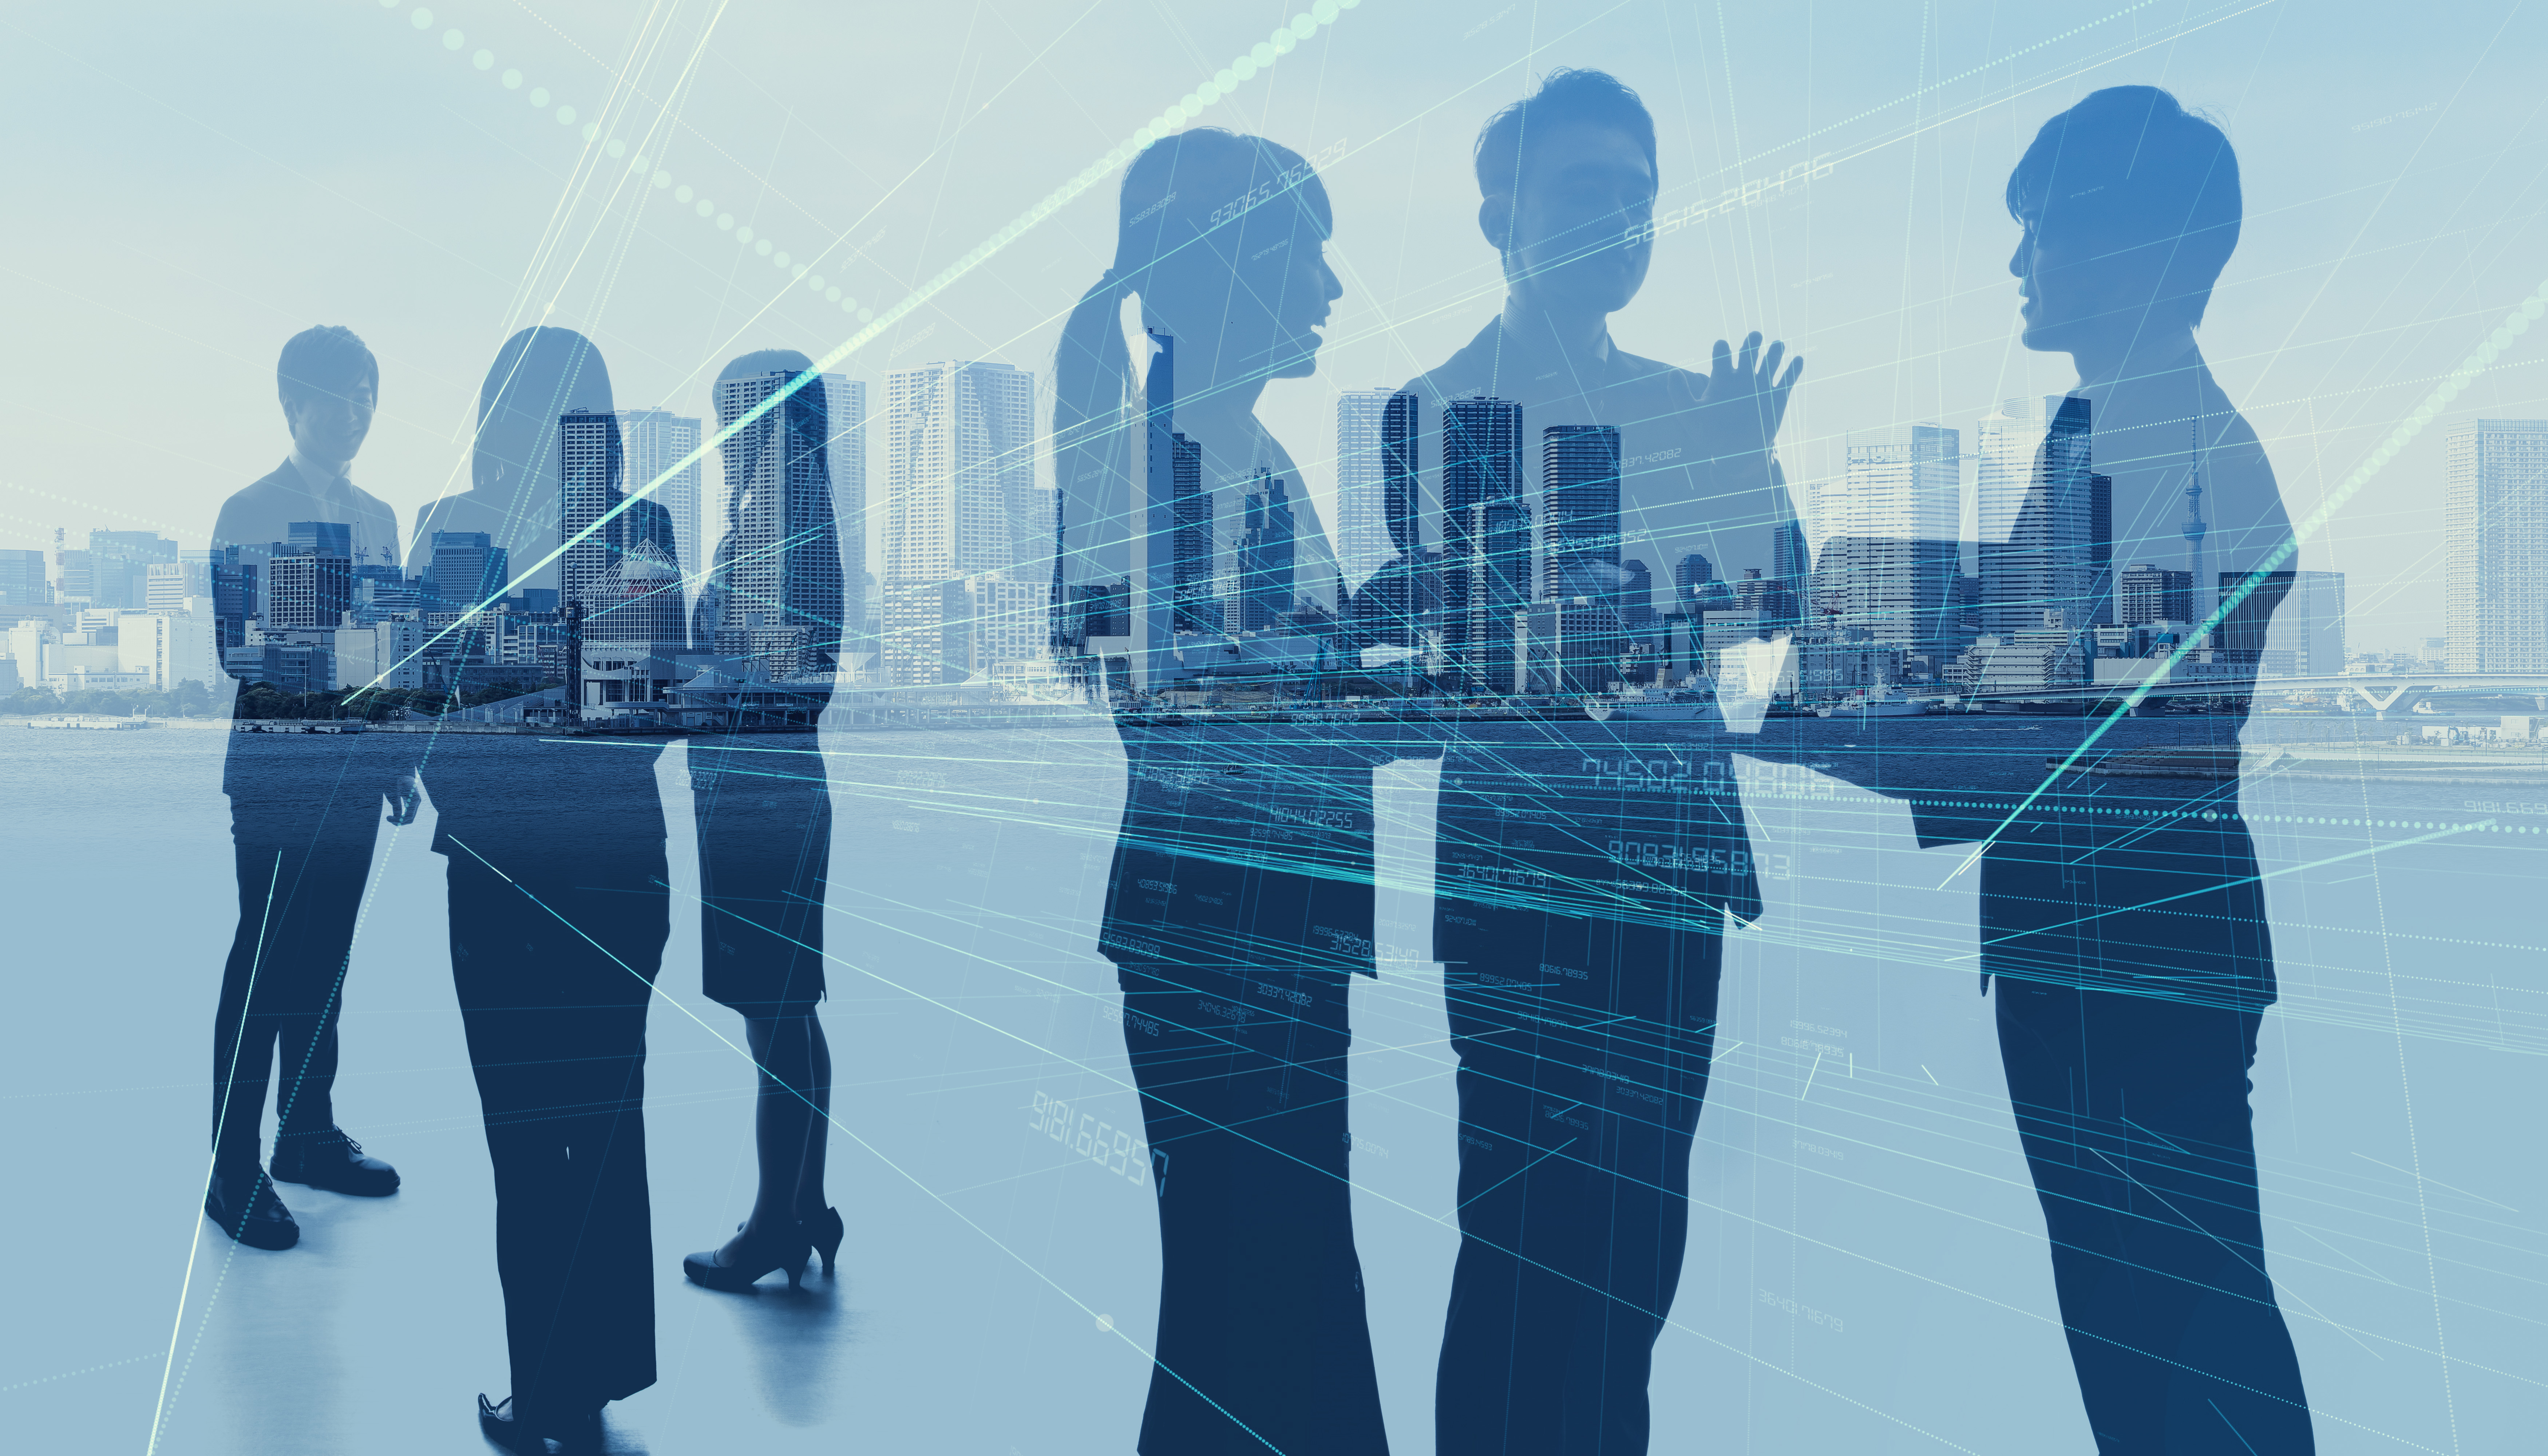 New Normal時代、マネージャーは受難かチャンスか